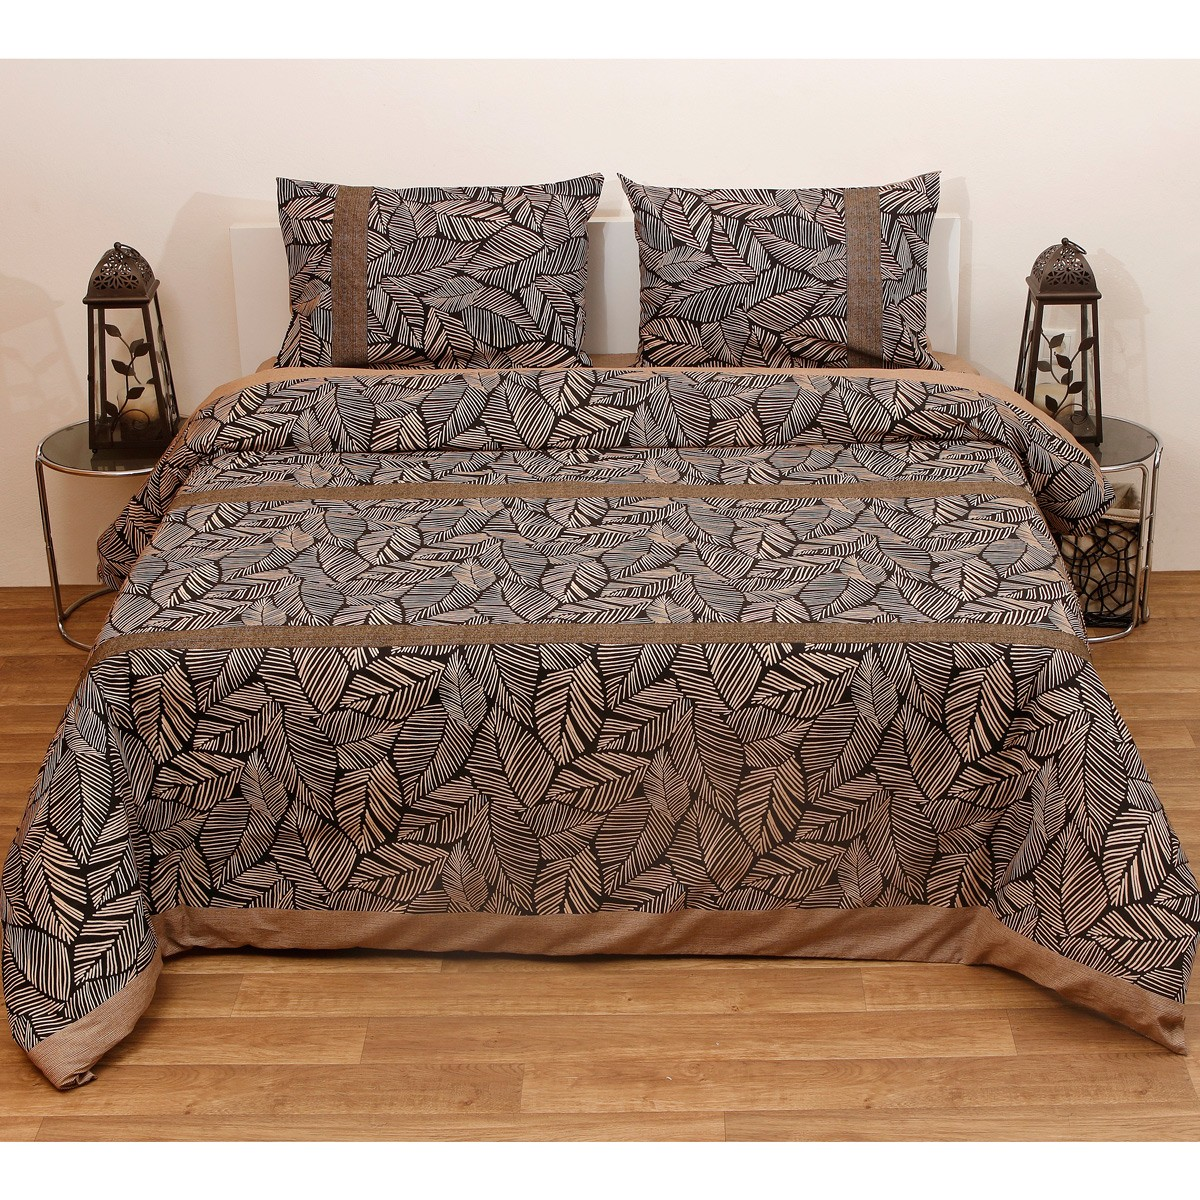 Σεντόνια Ημίδιπλα (Σετ) Viopros Fresh Μέλανι home   κρεβατοκάμαρα   σεντόνια   σεντόνια ημίδιπλα   διπλά